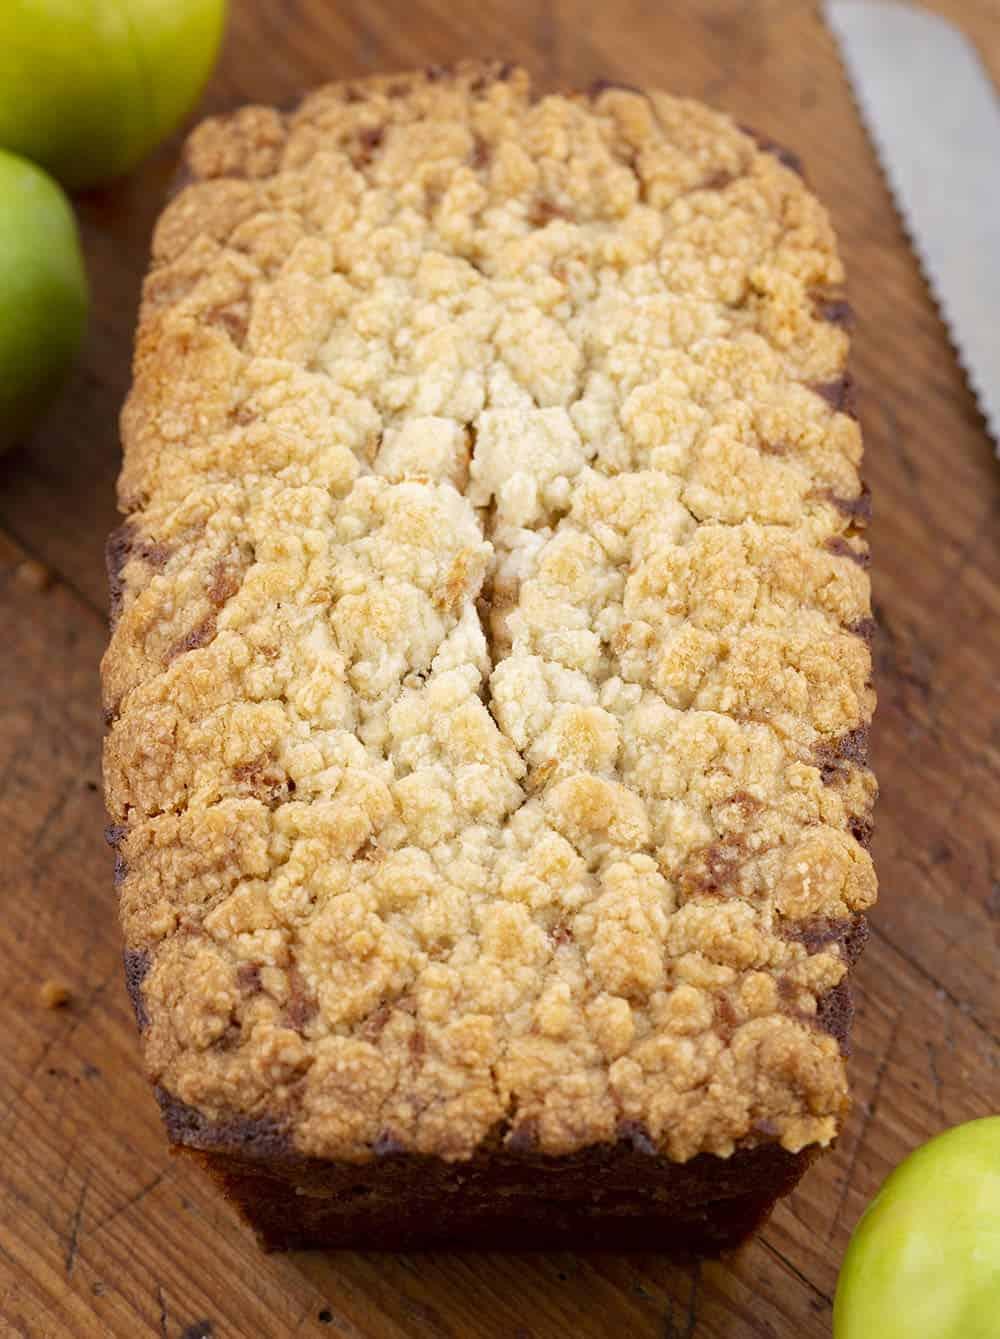 Apple Zucchini Bread Loaf on Cutting Board